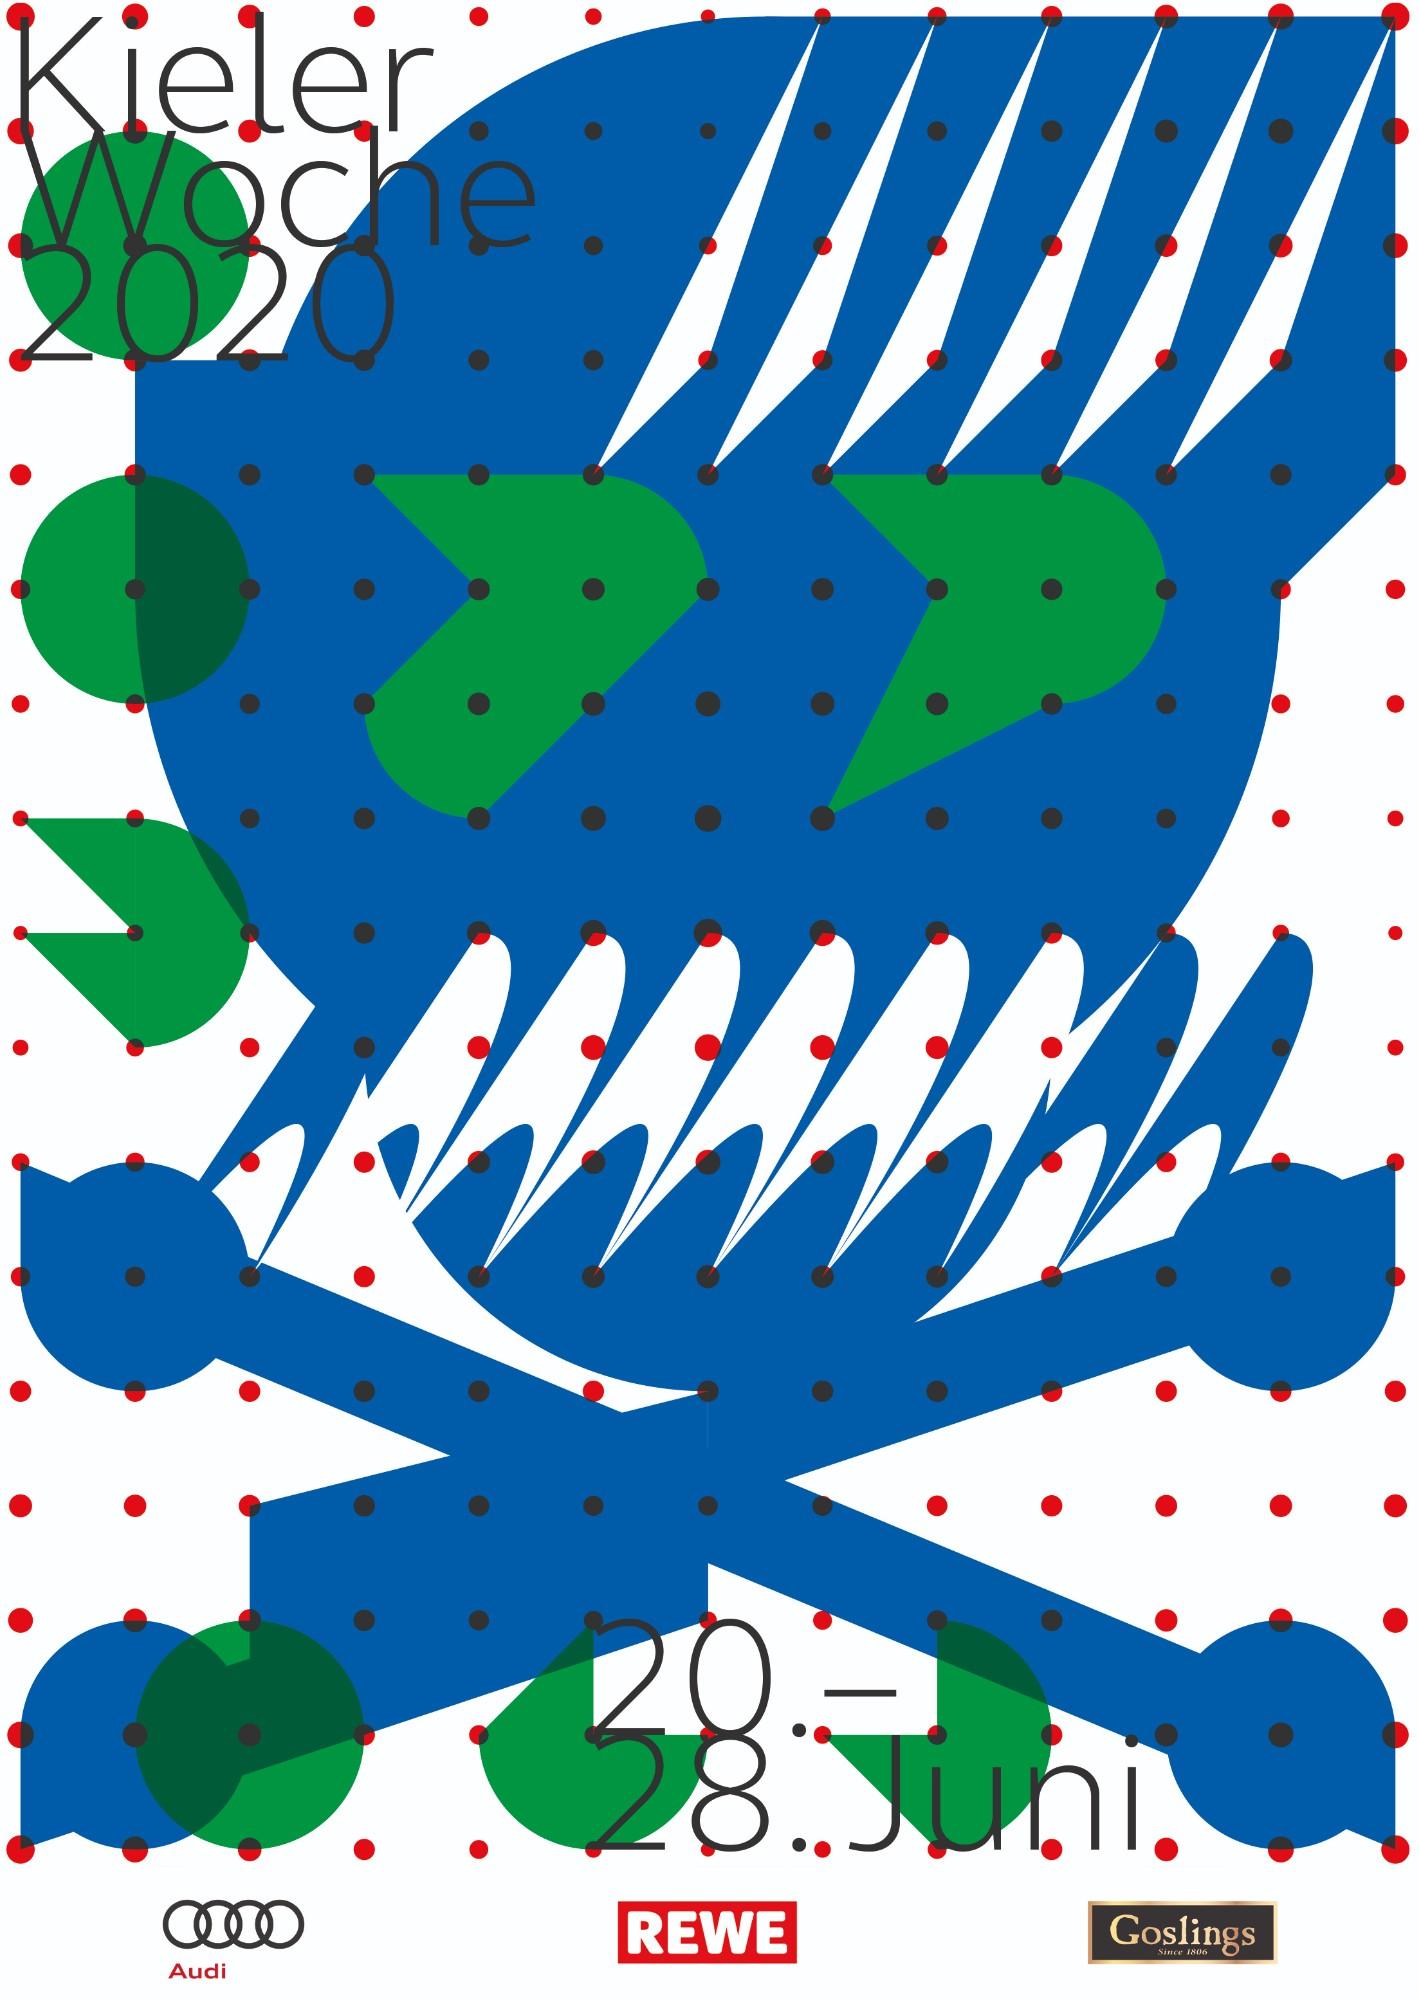 Kieler-Woche-Plakat 2020.jpg